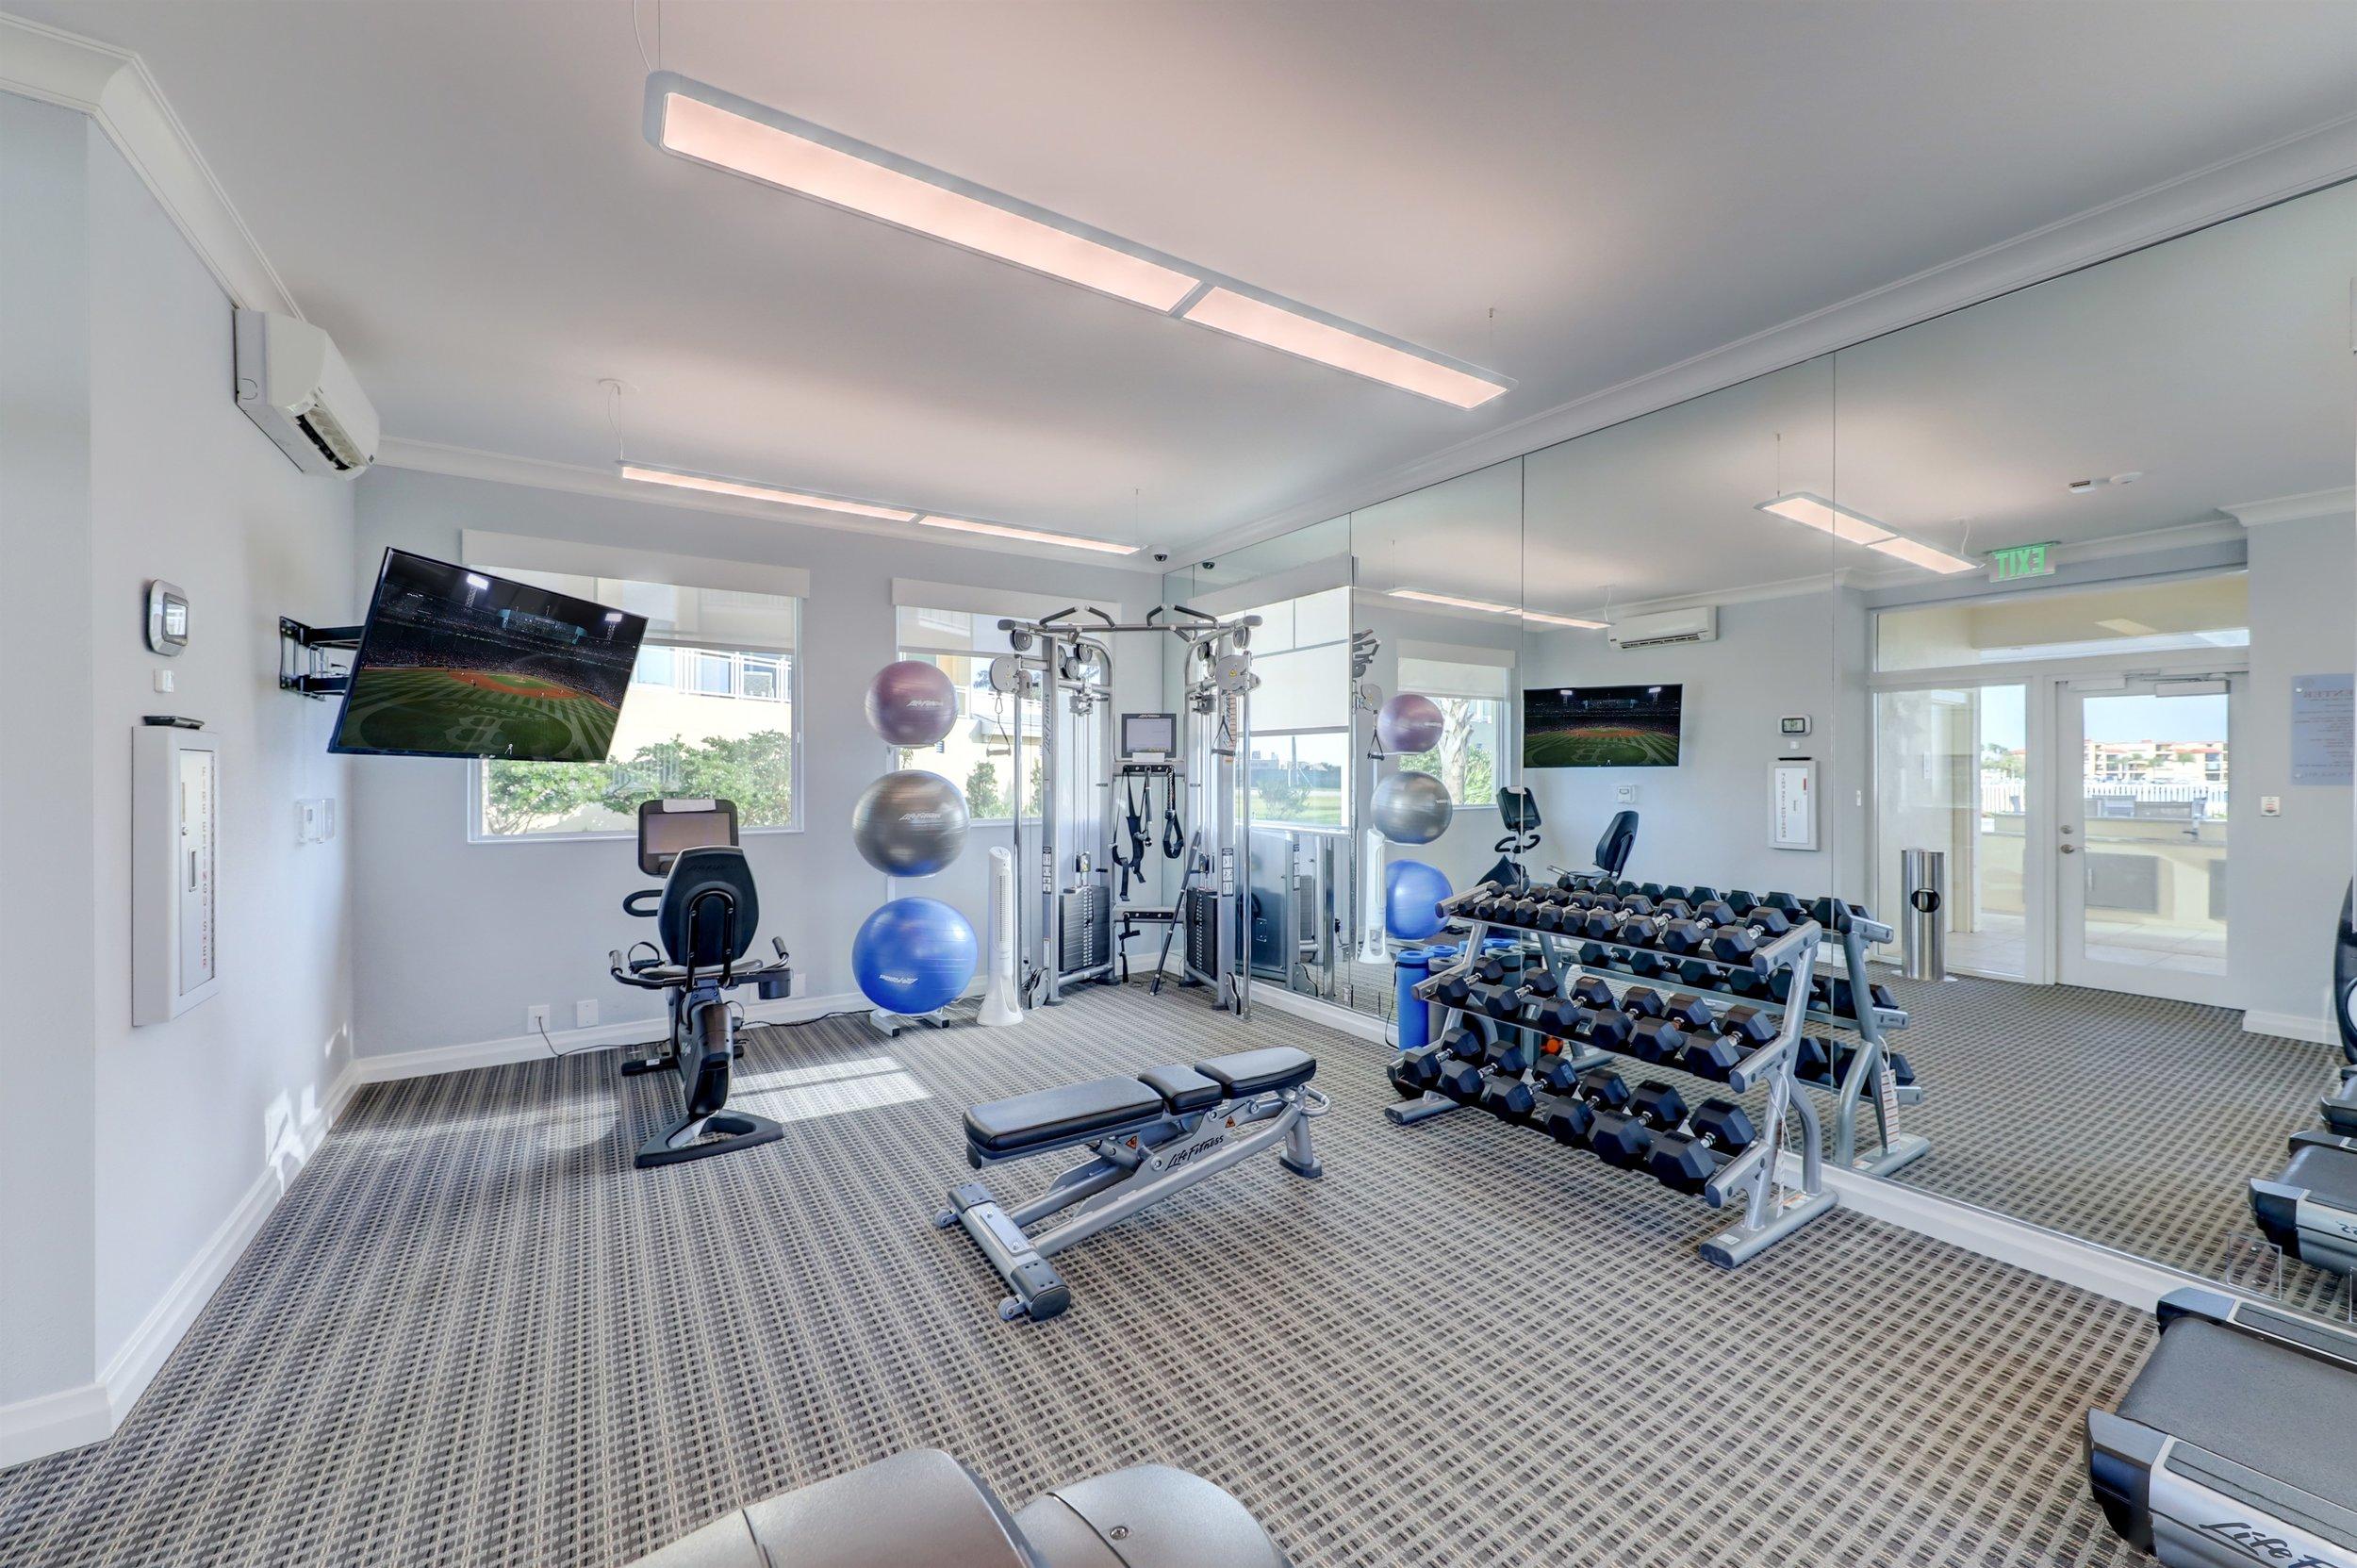 034_Fitness Center.jpg